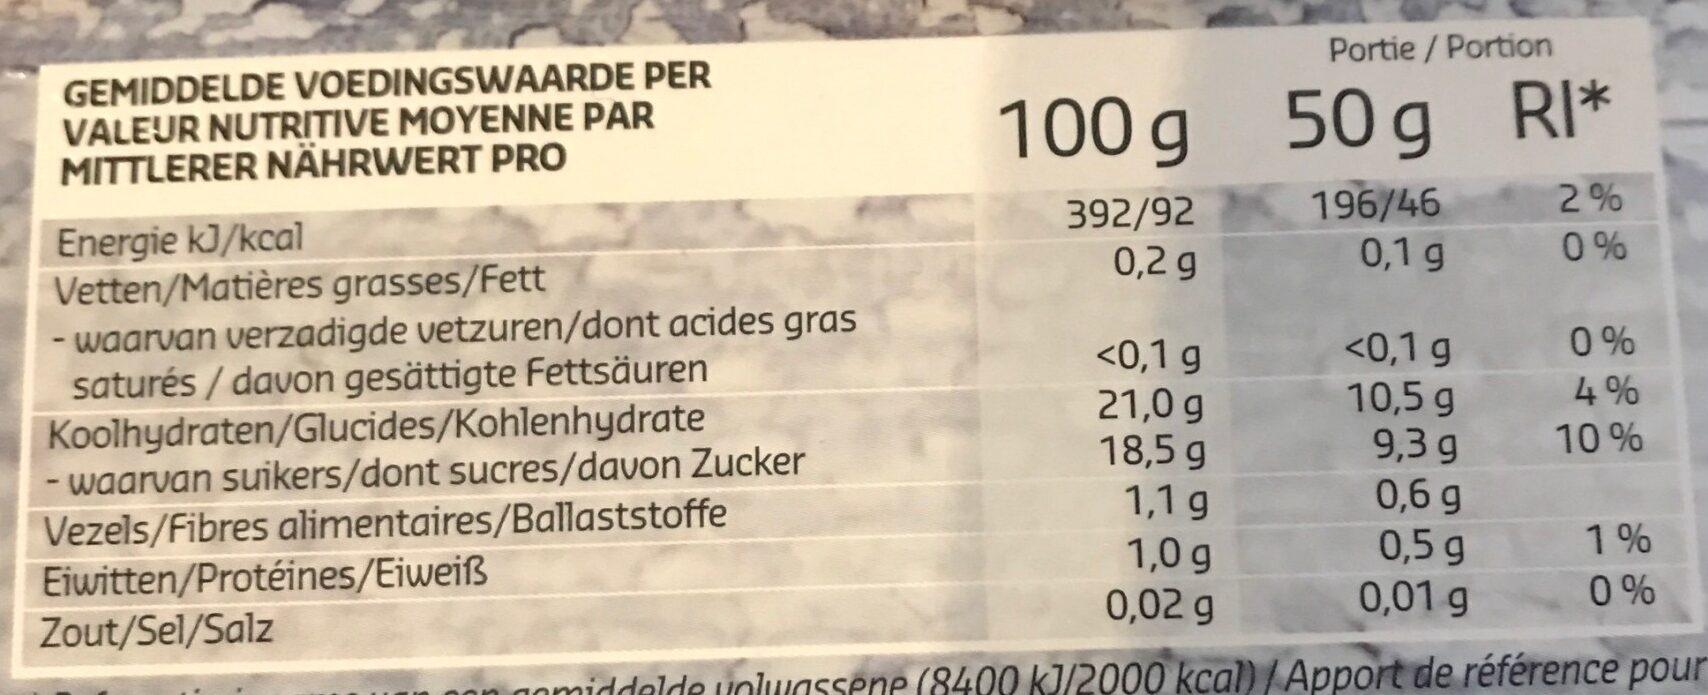 Framboise coulis - Voedingswaarden - fr